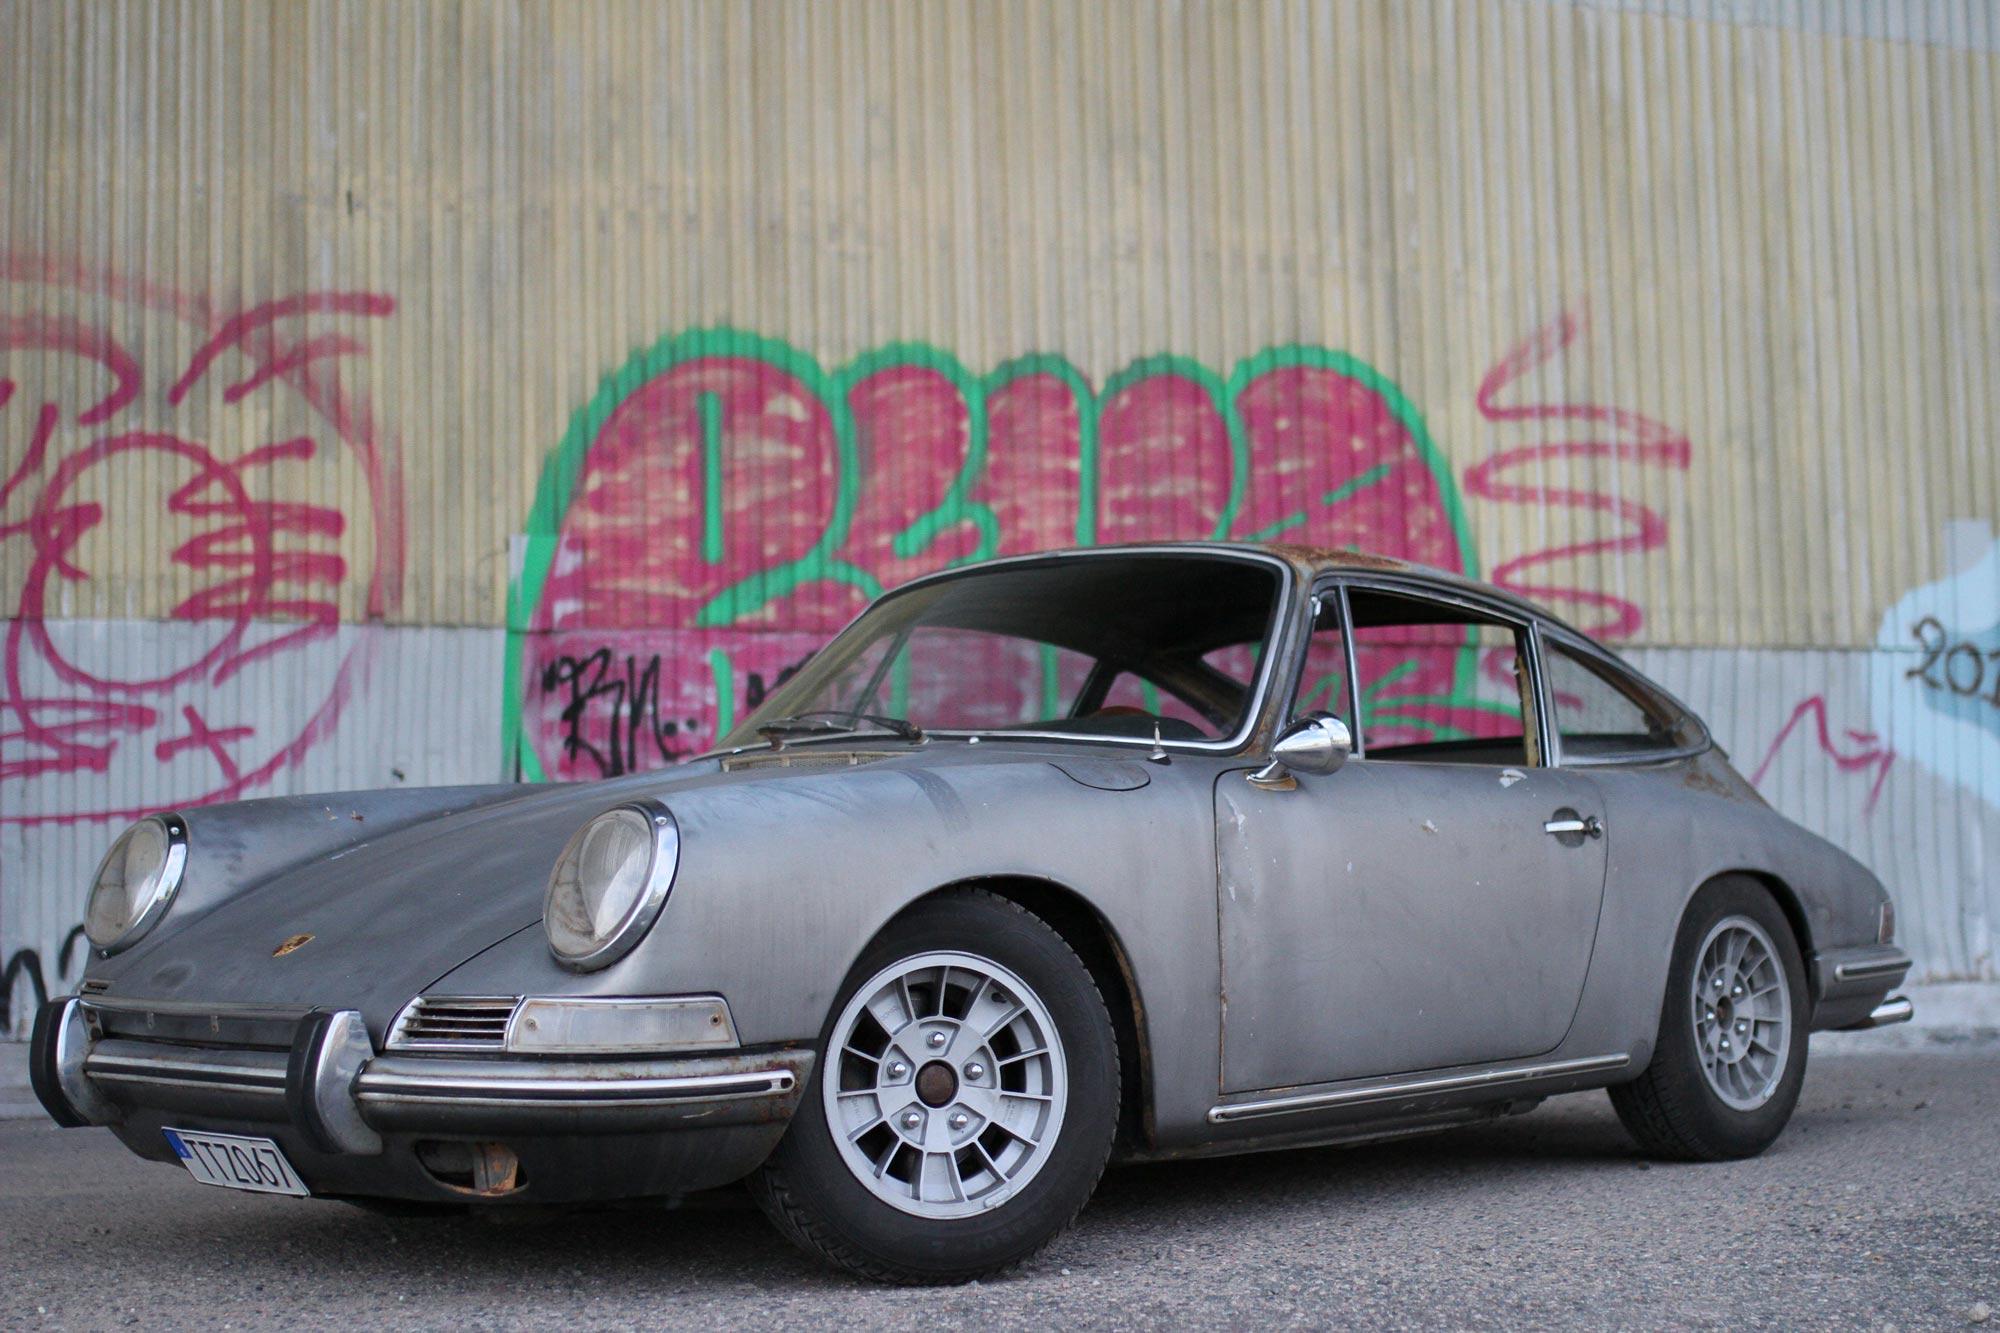 Porsche 912 snett framifrån vänster med graffiti på vägen och Ronal Kleblatt fälgar